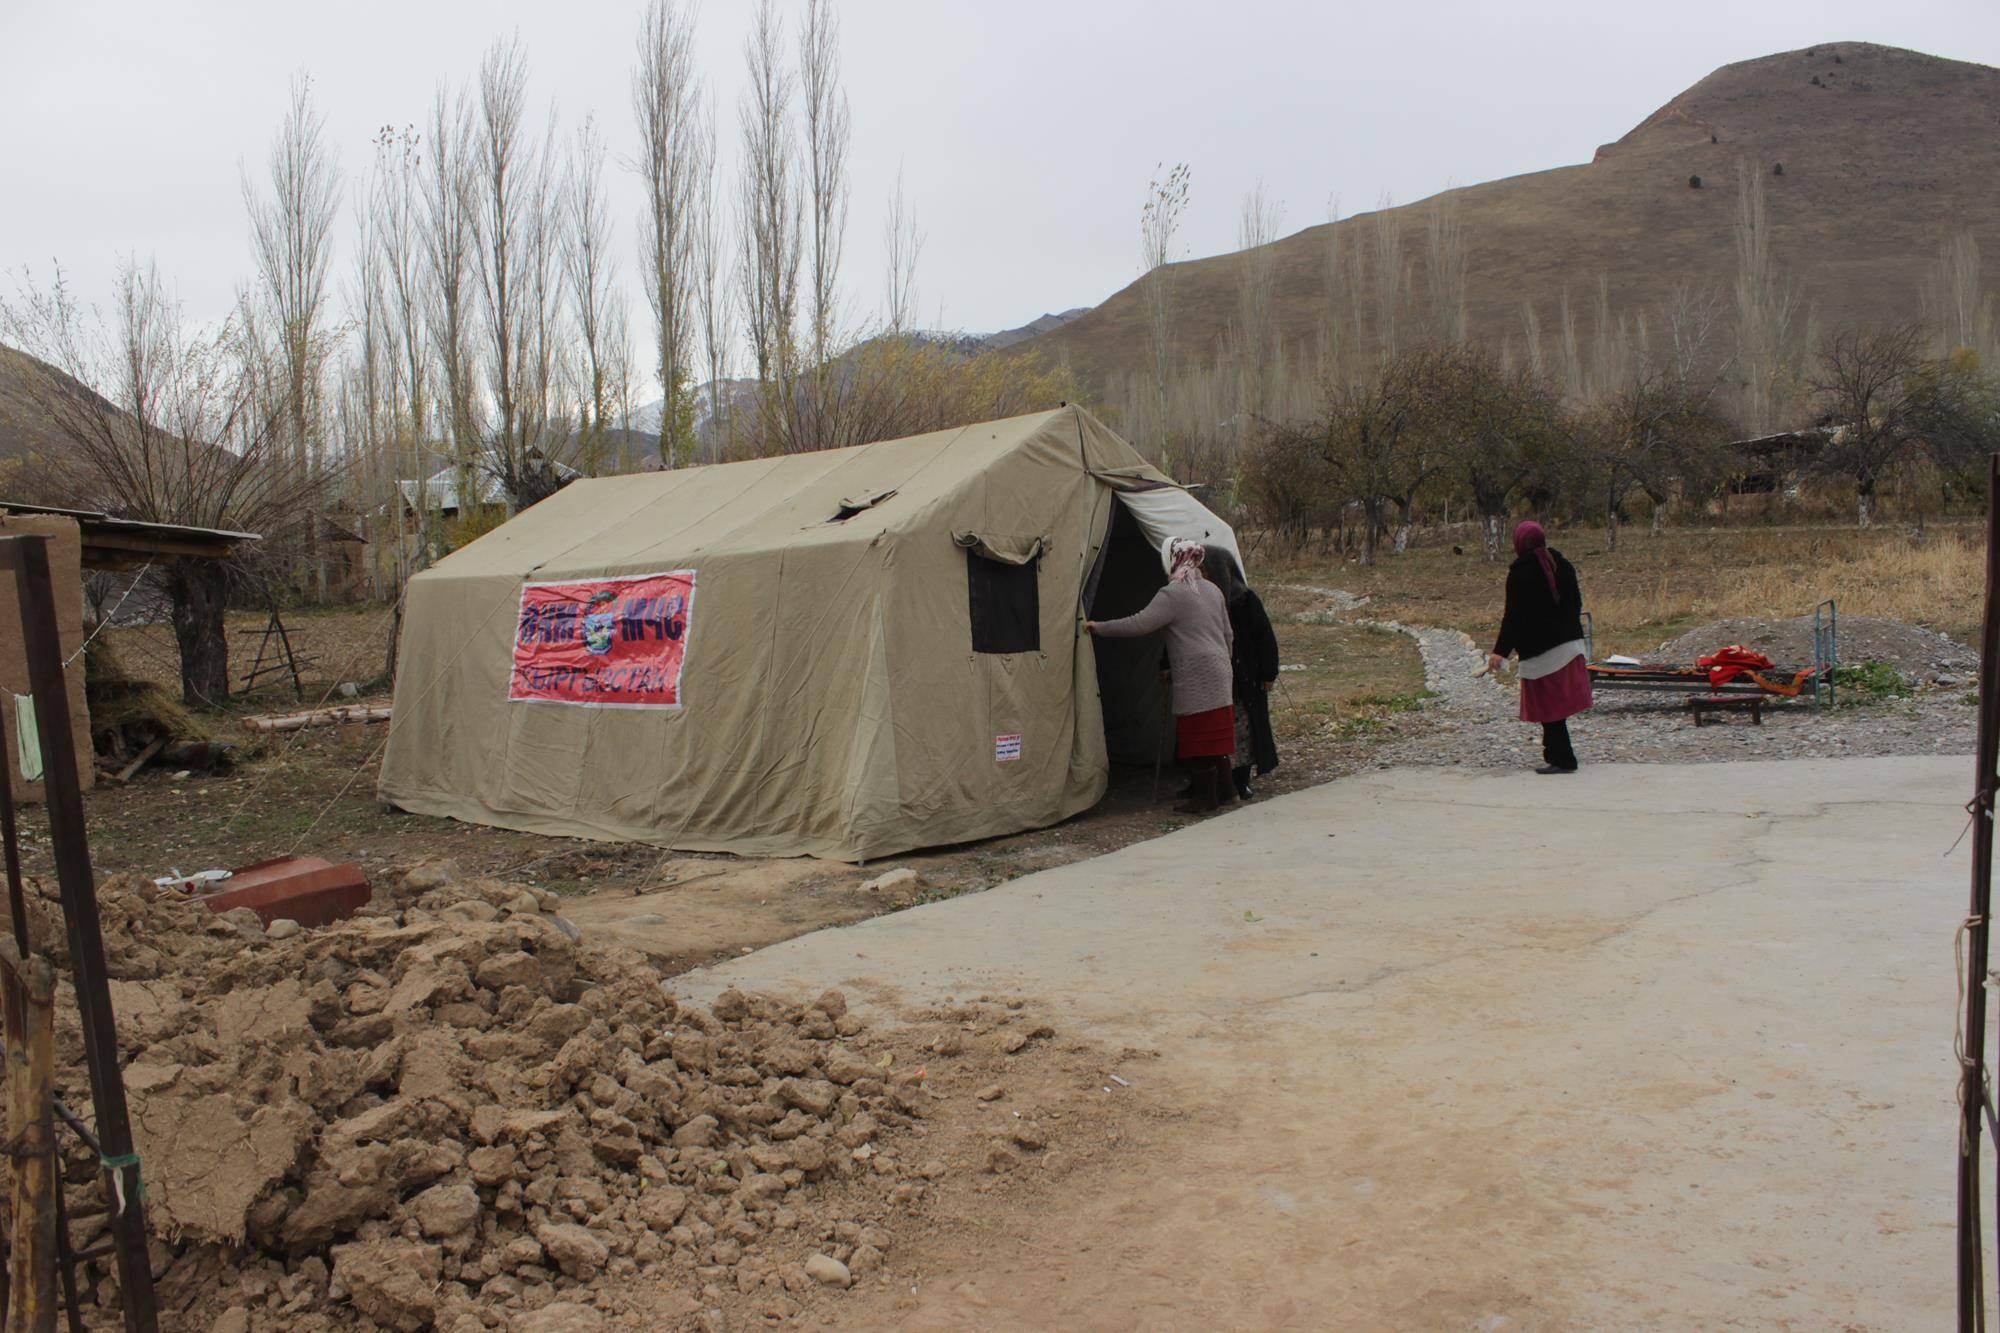 Для жителей Кара-Сууйского района, оставшихся без жилья, выделены палатки. Фото: Пресс-служба МЧС.